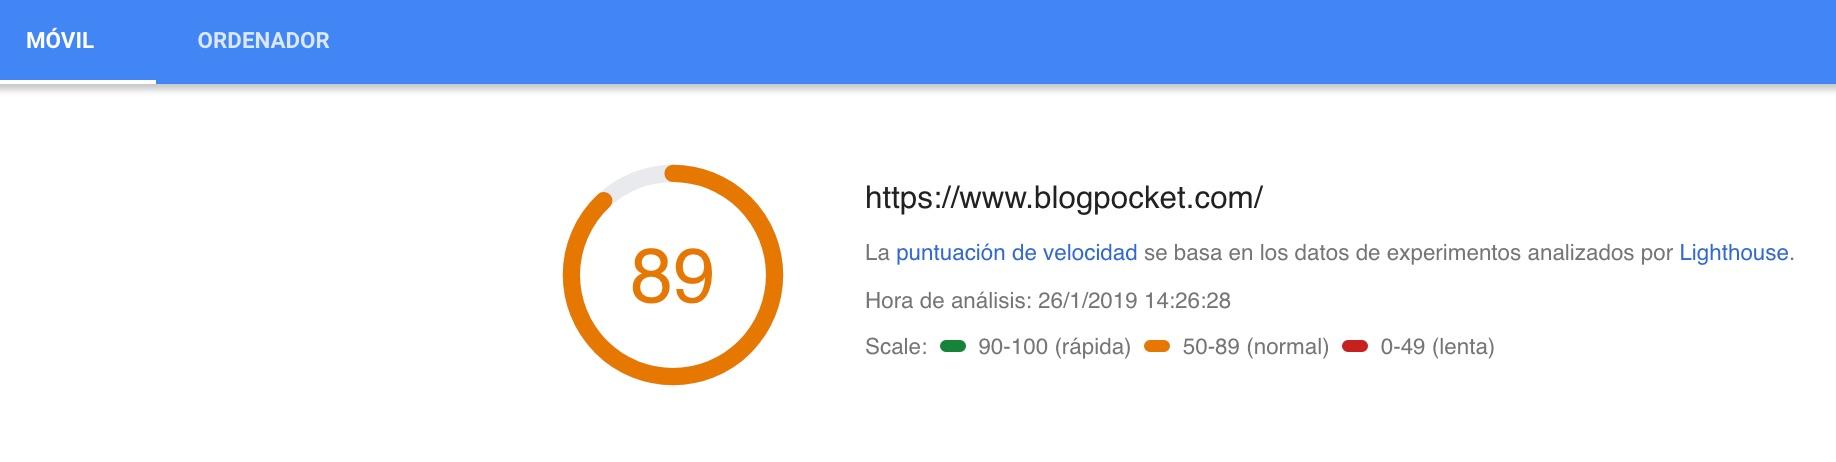 PageSpeed_Insights-blogpocket-1 Mantenimiento de WordPress: la guía definitiva para cuidar tu blog